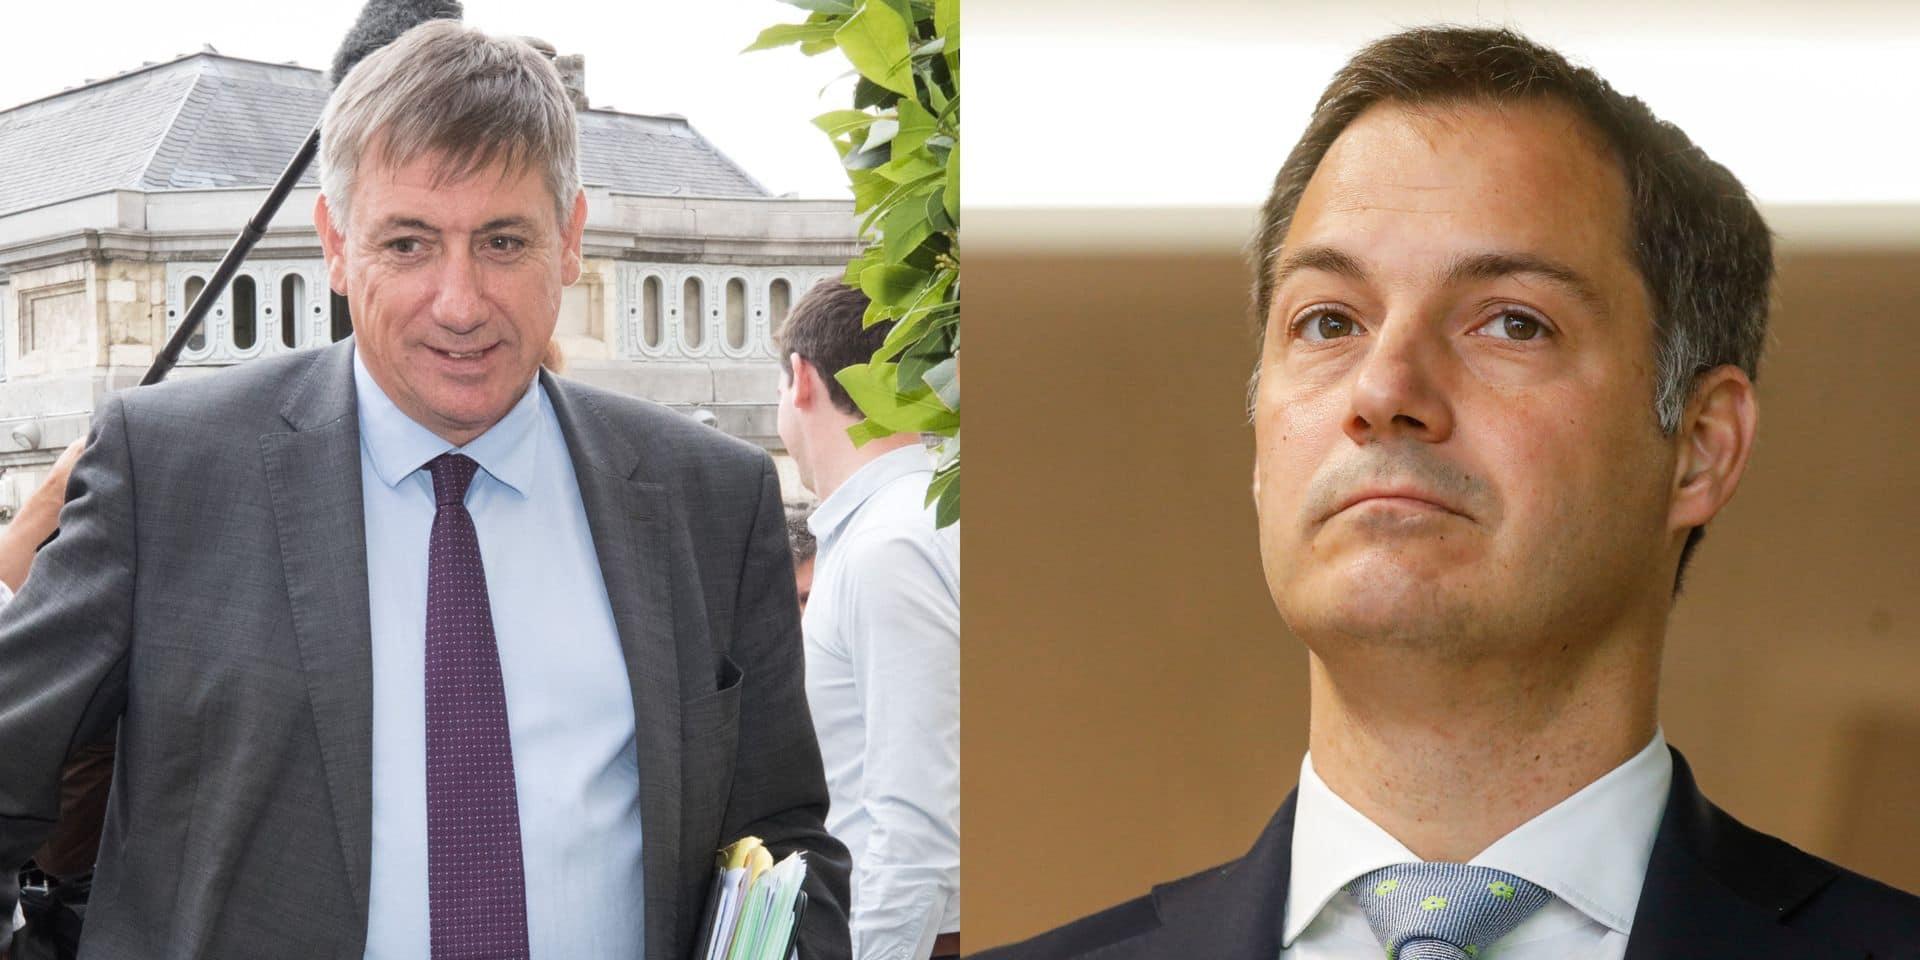 Futur Premier ministre : Jan Jambon out, Alexander De Croo favori pour le 16